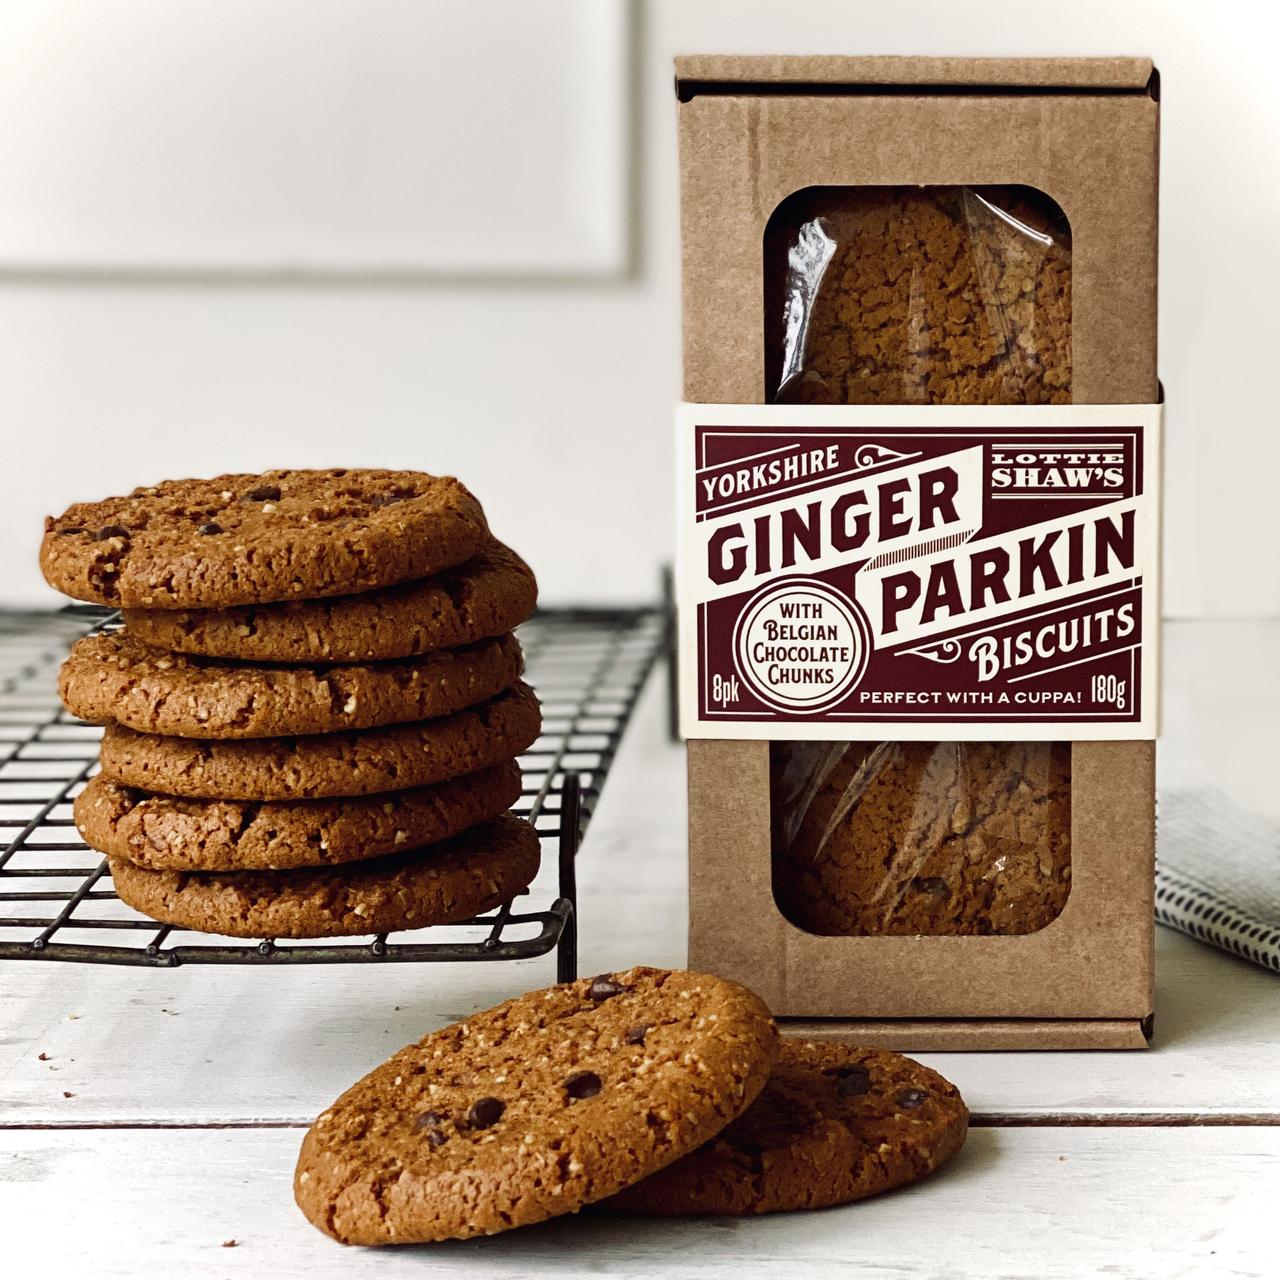 Lottie Shaw's Ginger Parkin & Choc Biscuit Box